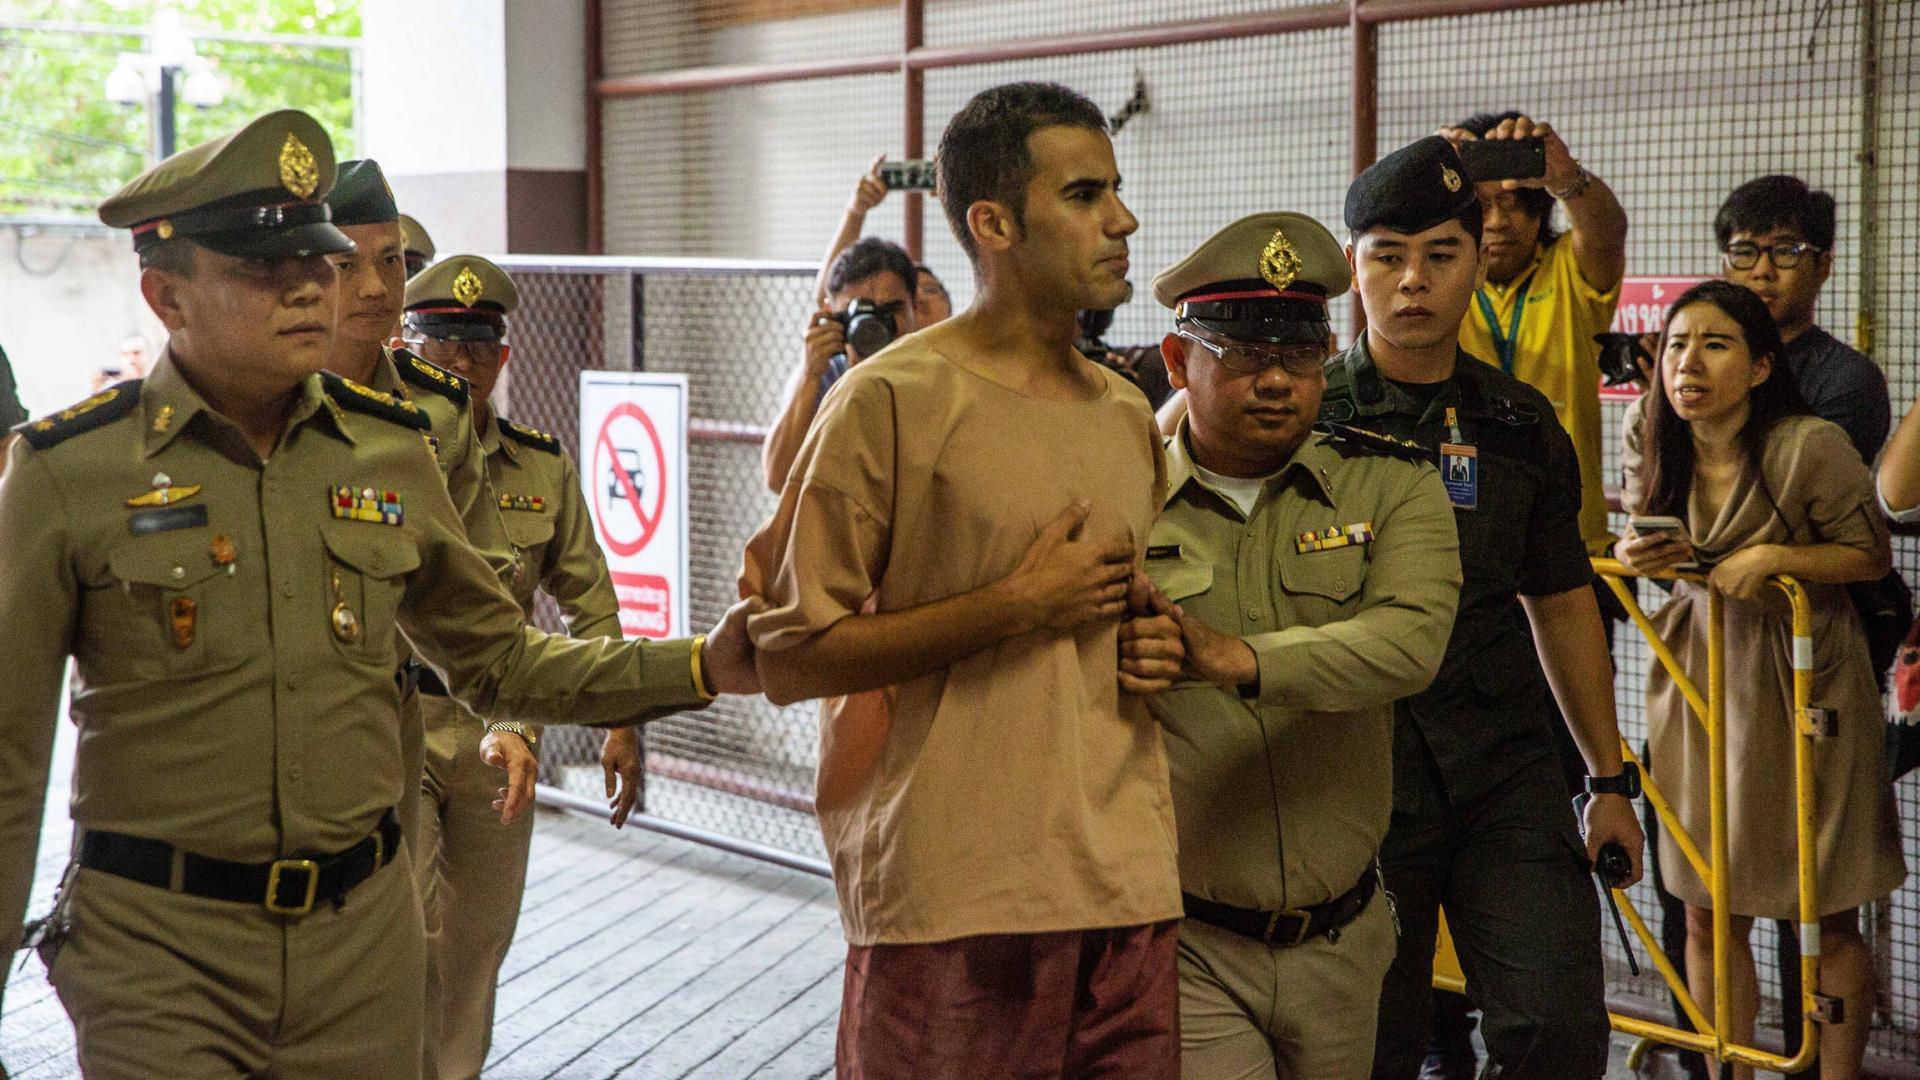 تايلاند تقرر إطلاق سراح اللاعب حكيم العريبي بعد خطوة مفاجئة من البحرين